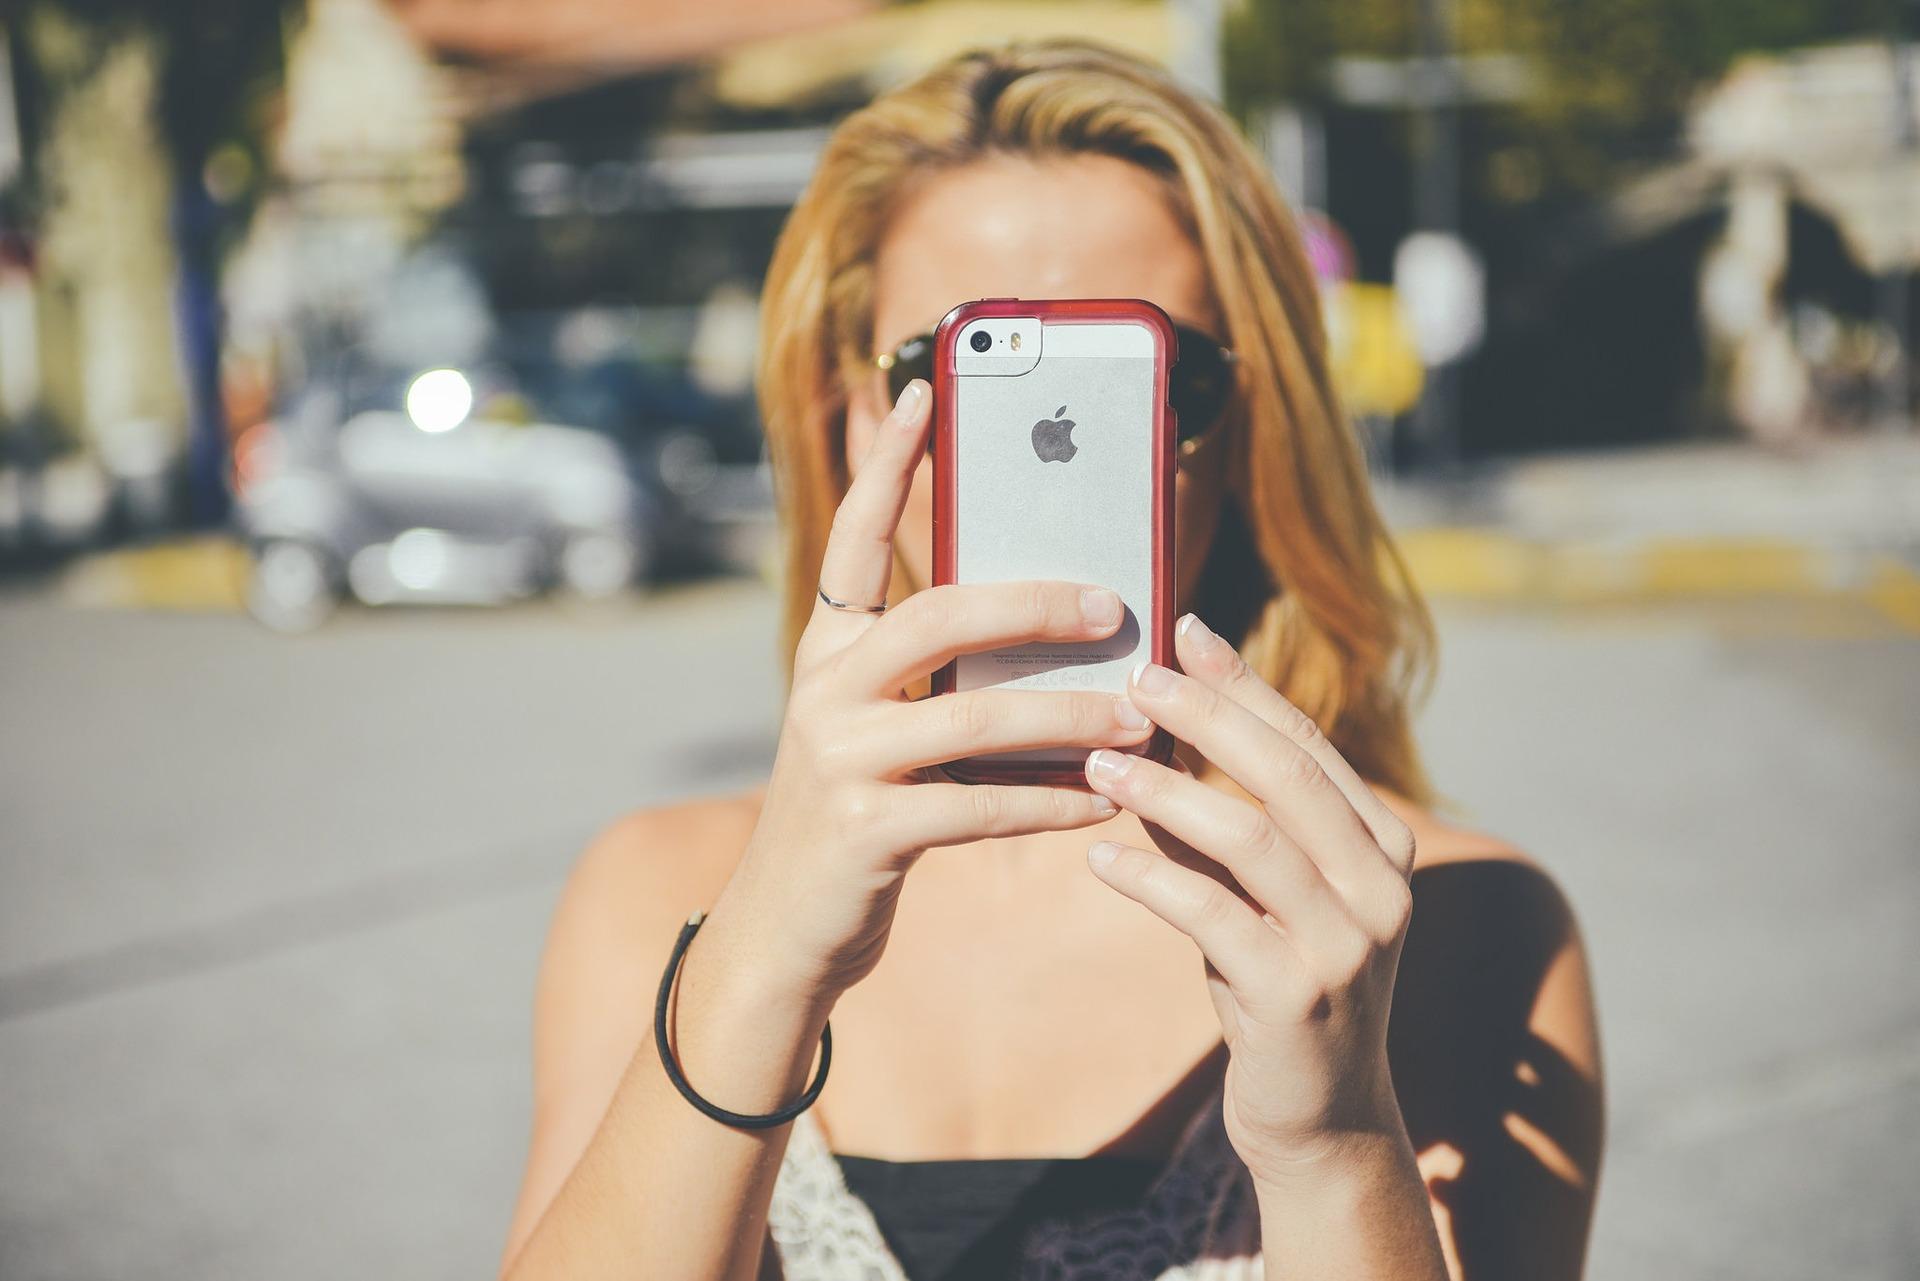 Imagem mostra uma mulher segurando um Iphone em frente o rosto.